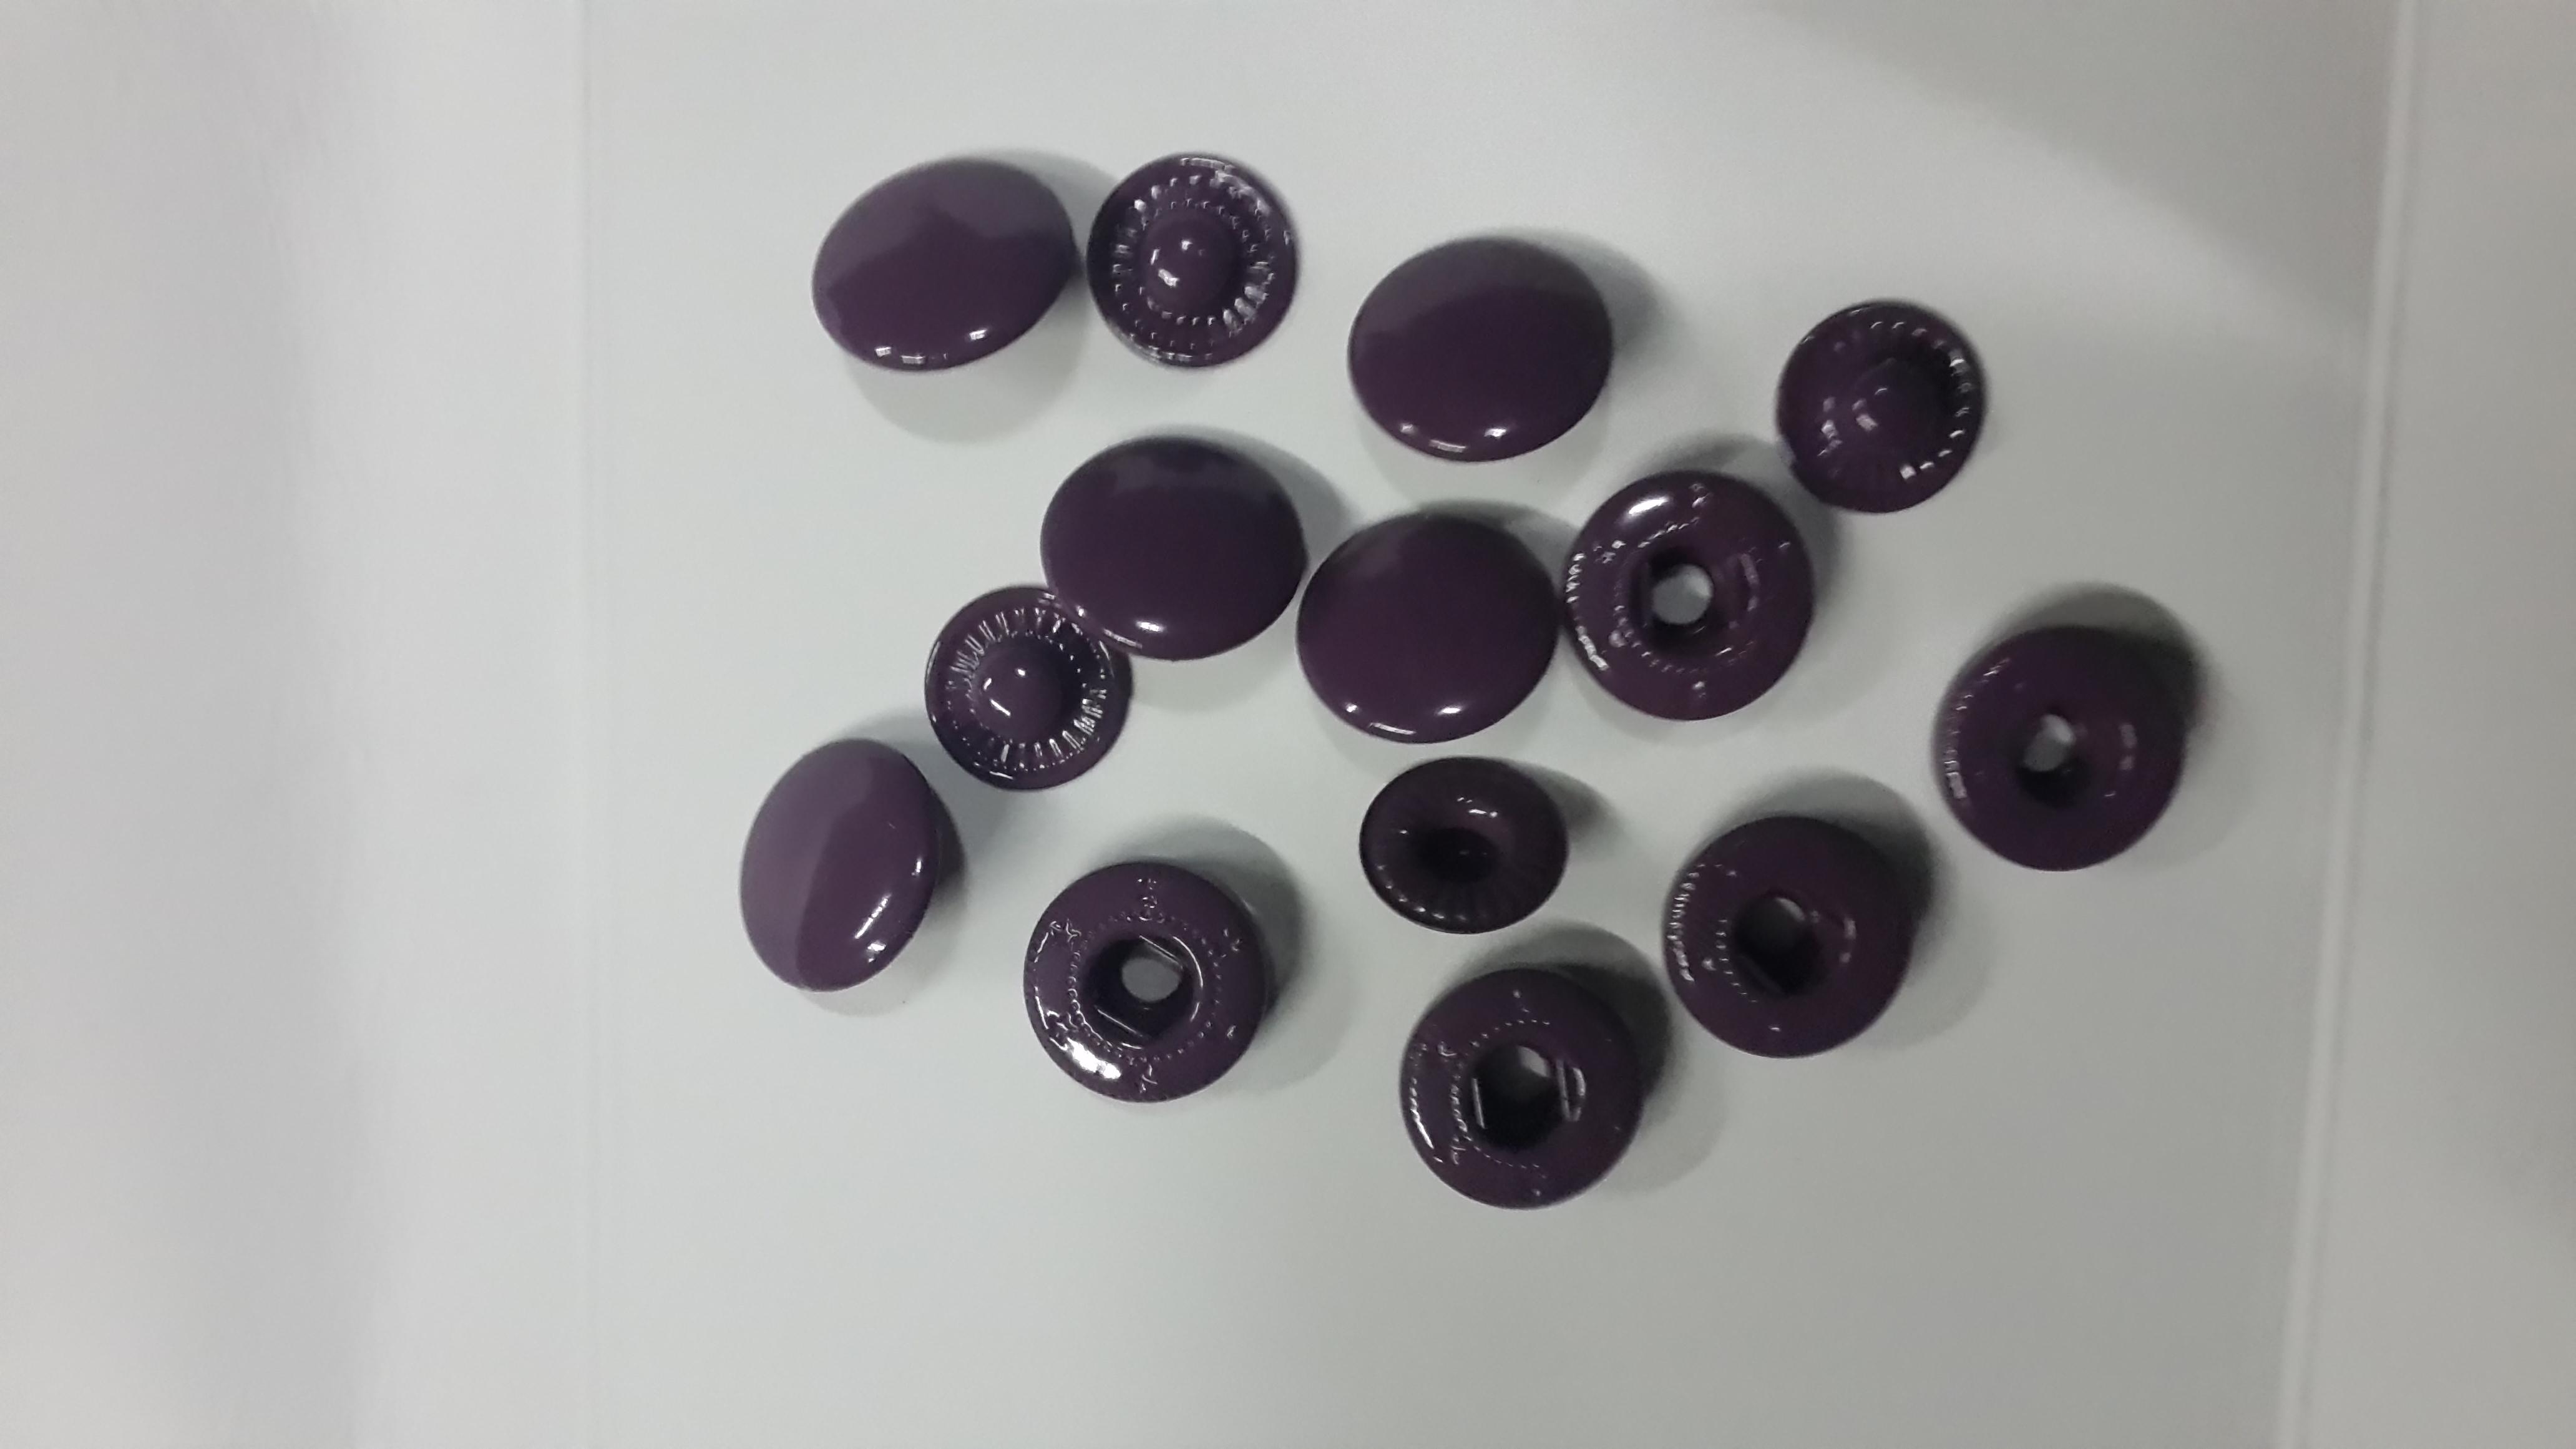 優質的烤漆螺絲-永利烤漆公司供應高質量的烤漆螺絲